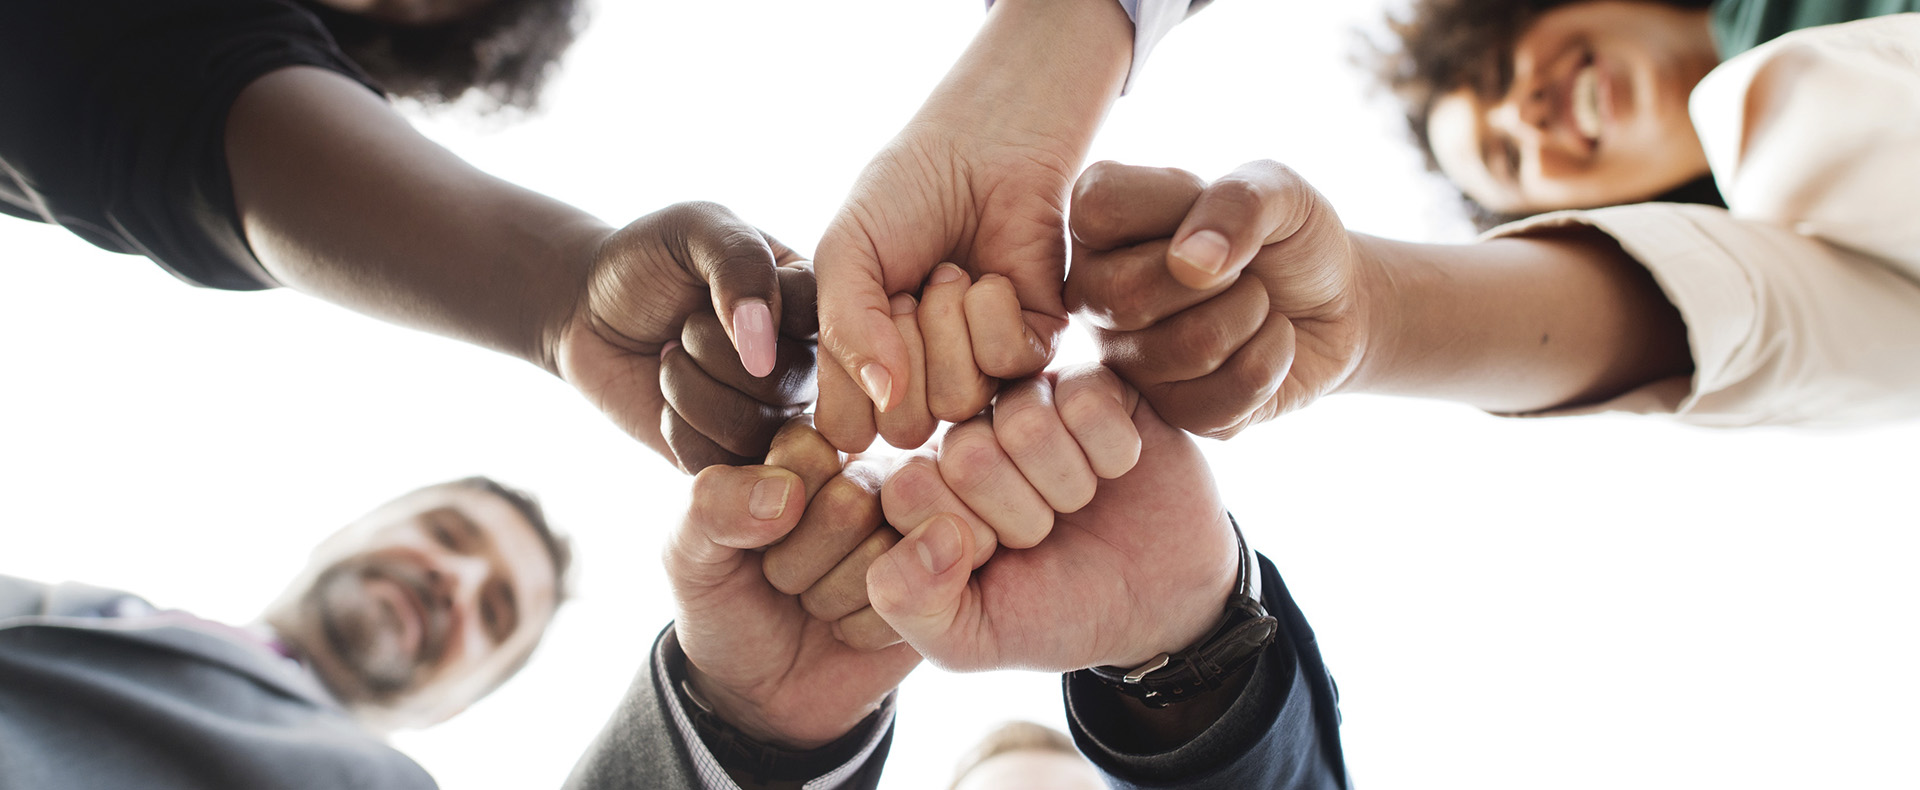 Empresas Aliadas: <ul> <li>Sponsors: Colaborando con un aporte a MovilizaRSE y participando de los programas para el cumplimiento de los objetivos.</li> <li>Voluntariado Corporativo: Organizar y/o participar de nuestros programas con tus compañeros de trabajo y sus familias.</li> <li>Anuario: Participando con un aviso en el anuario de MovilizaRSE.</li> </ul>